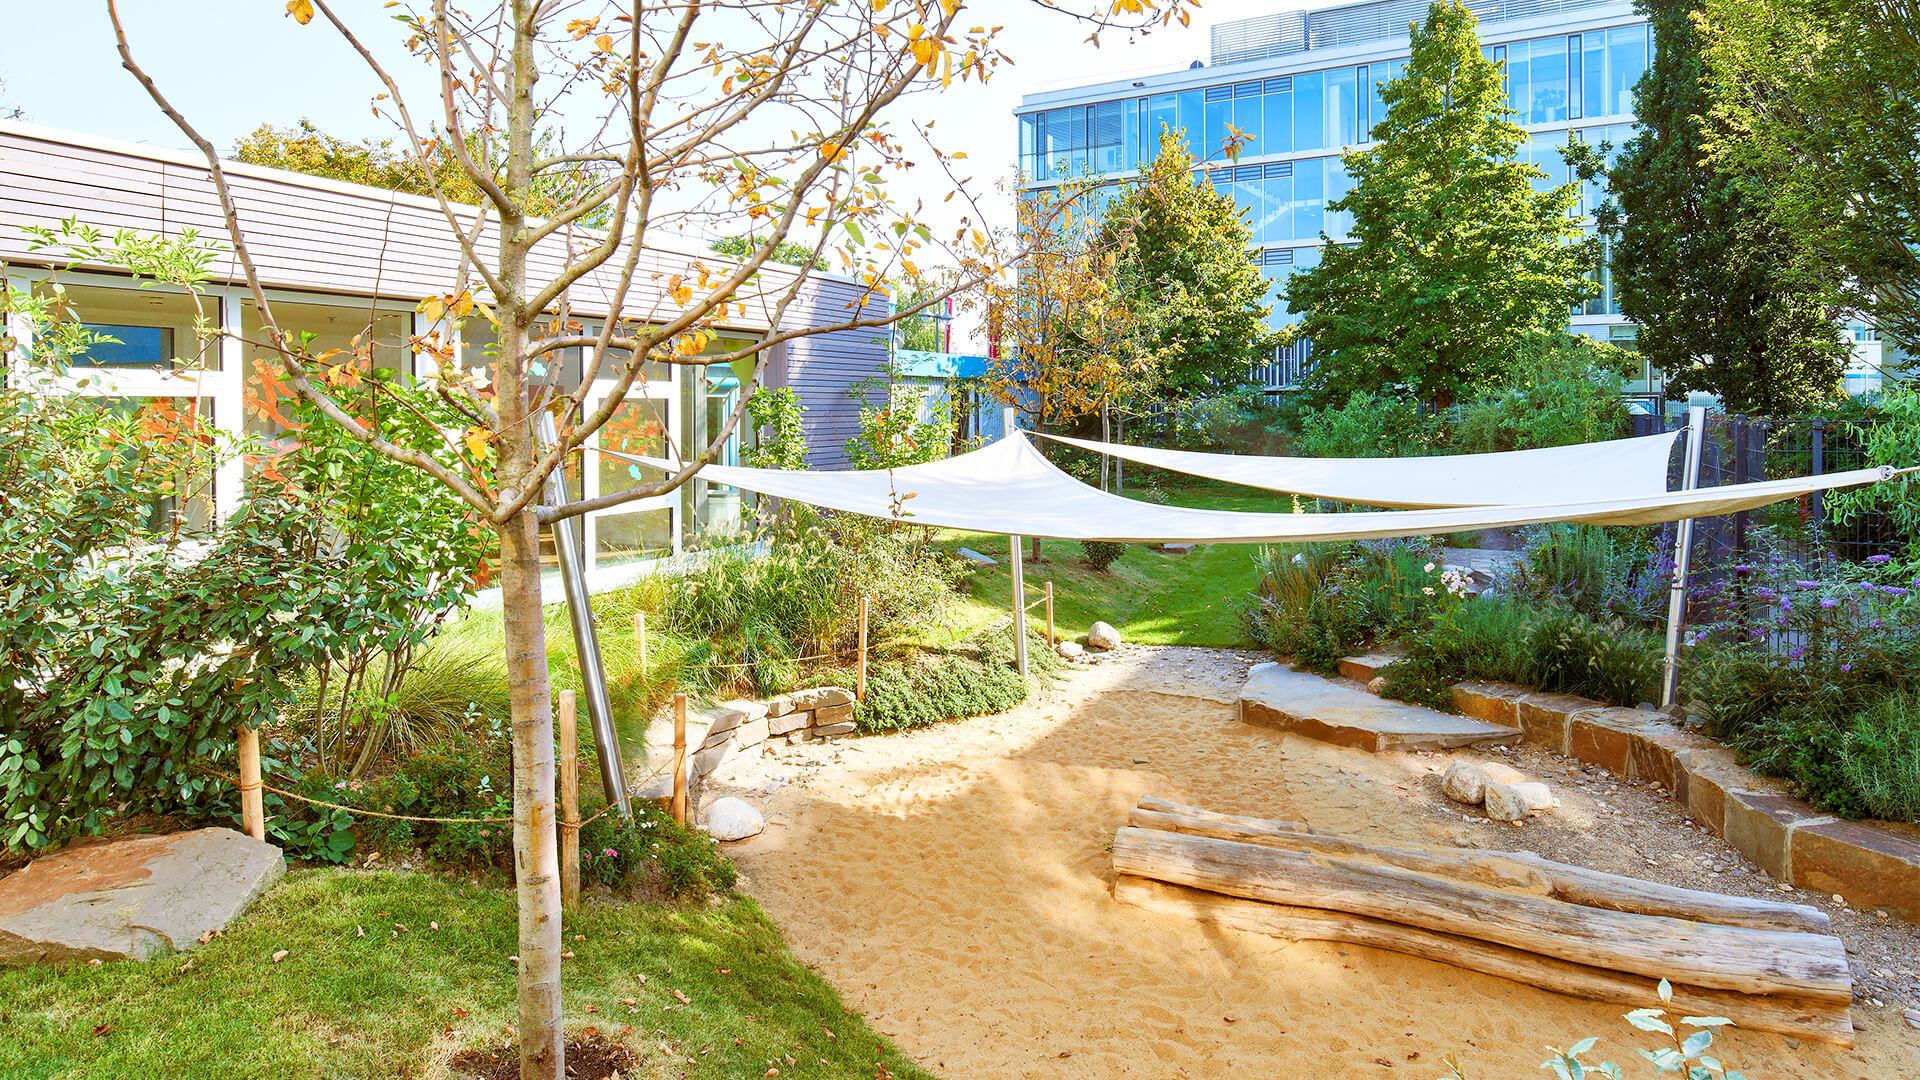 Bäume und Sand-Spielplatz der Kita in Neuss